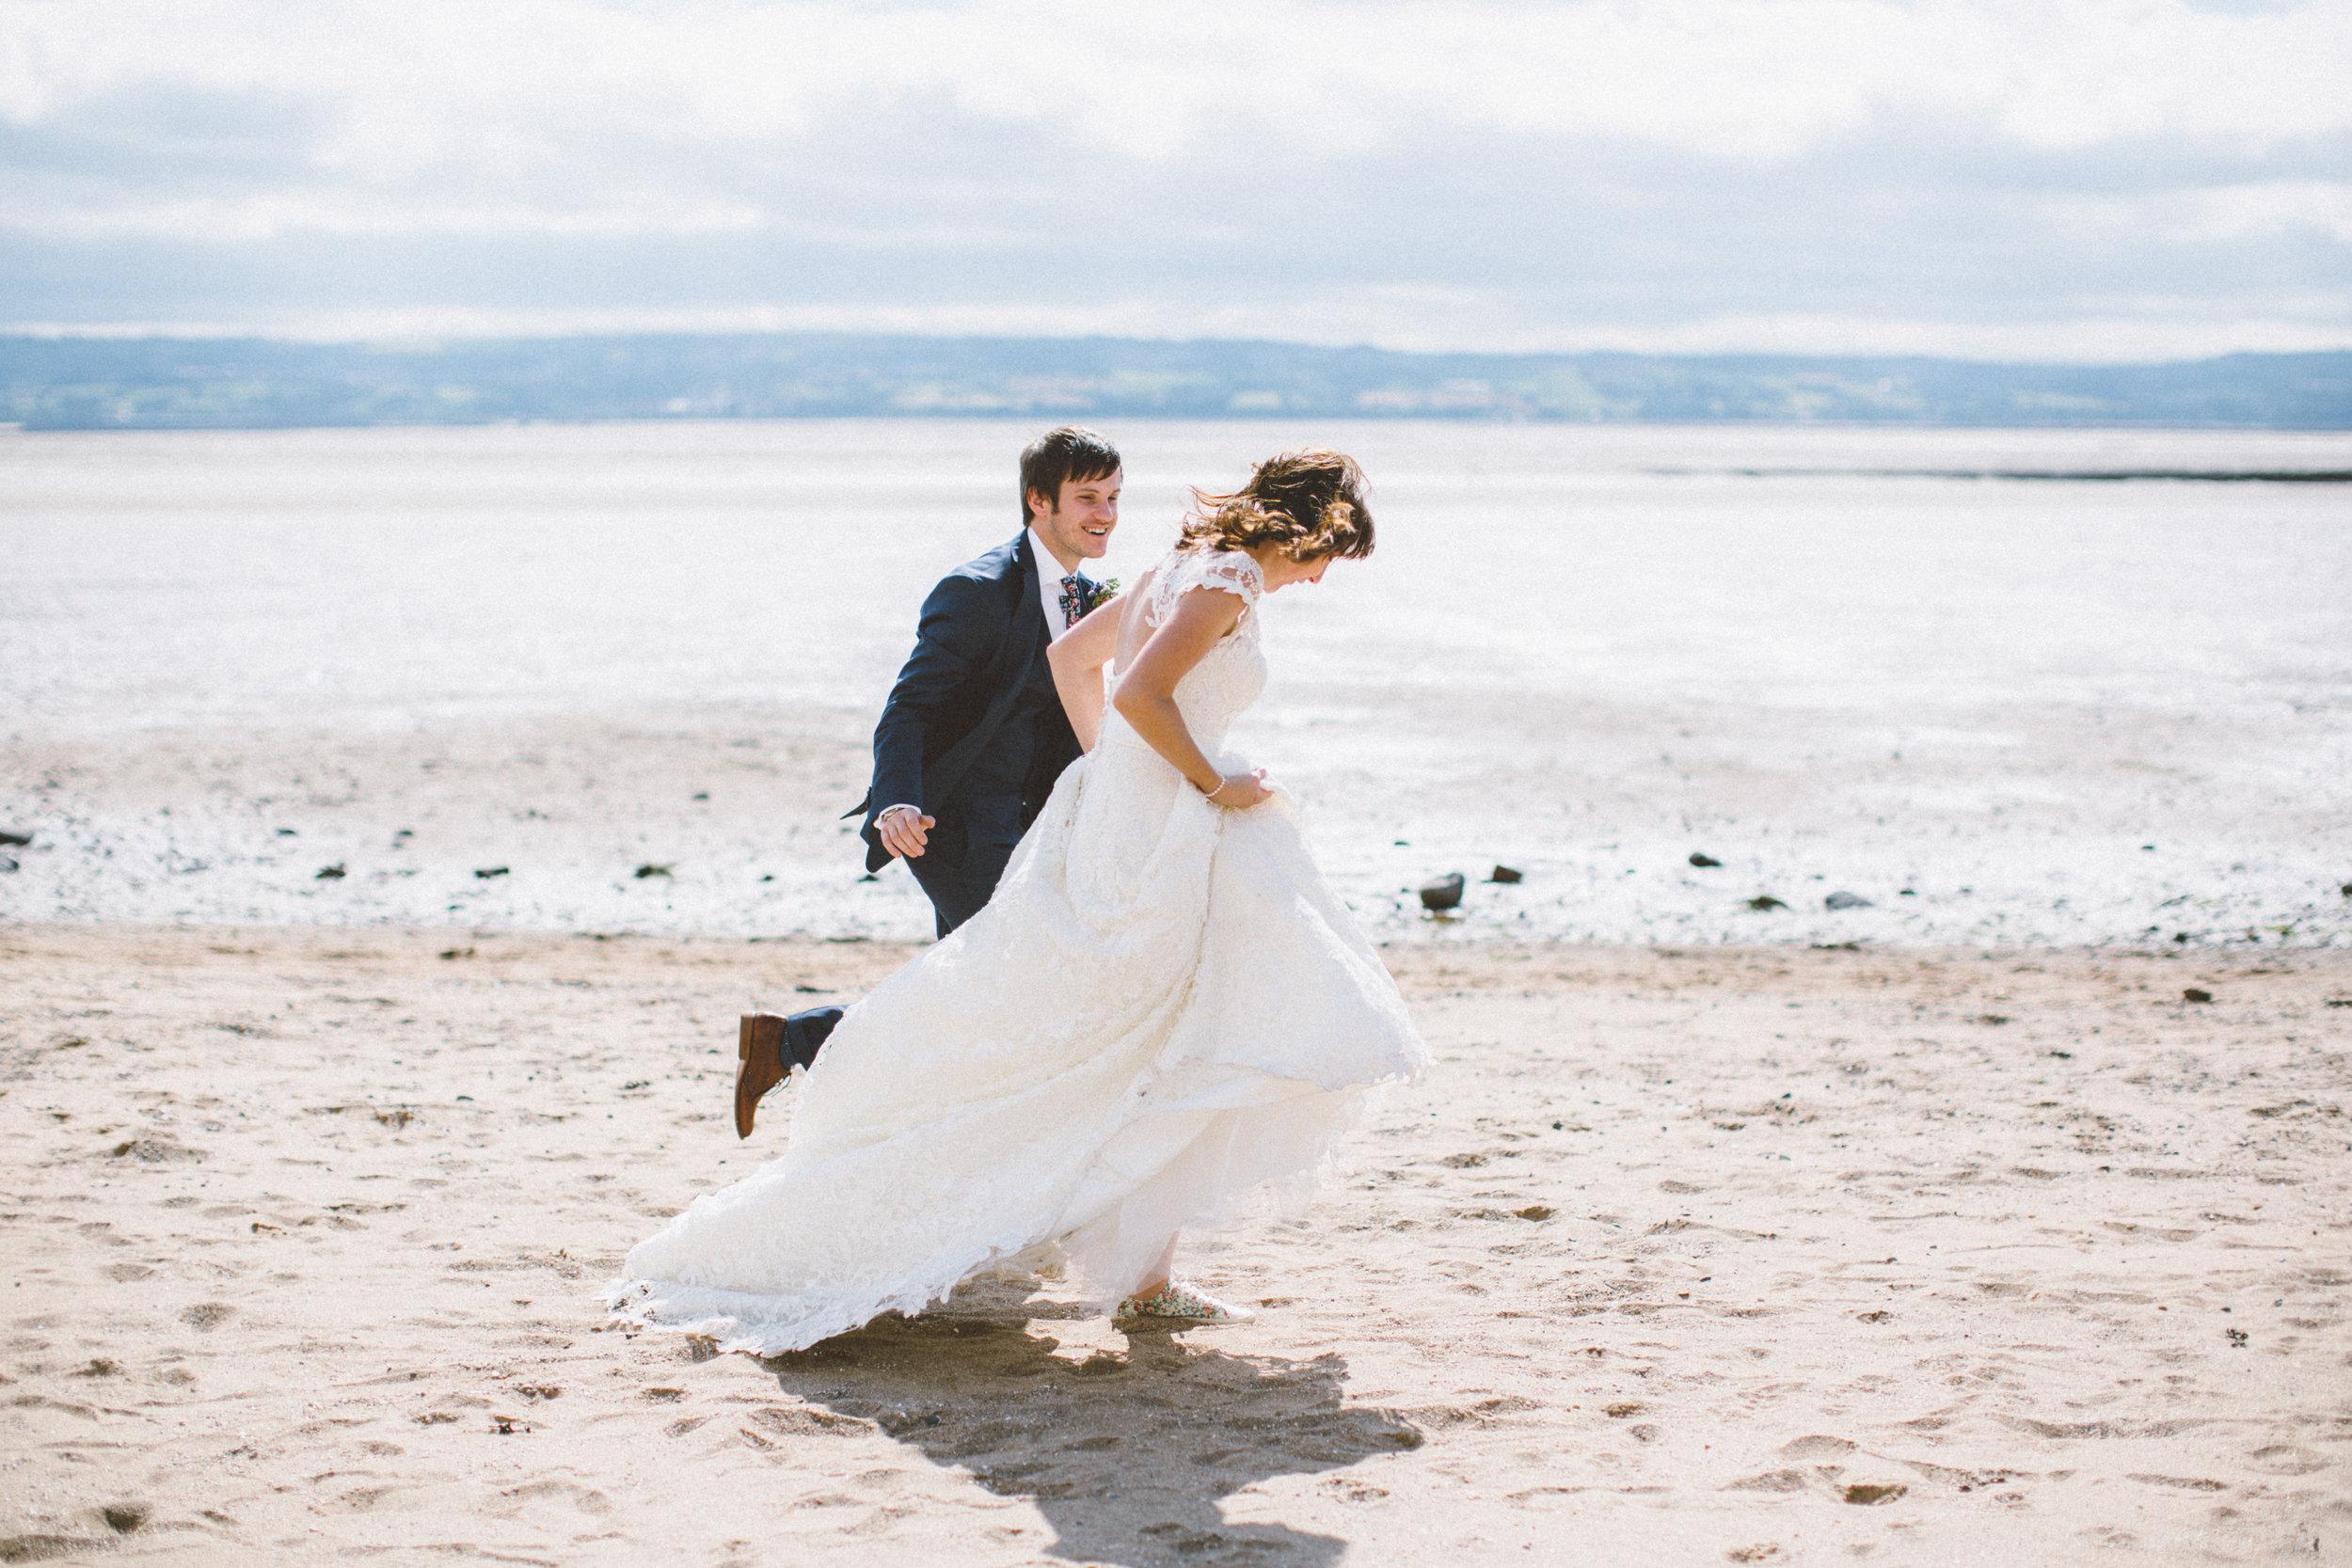 Matt & Molly Wed-34.JPG